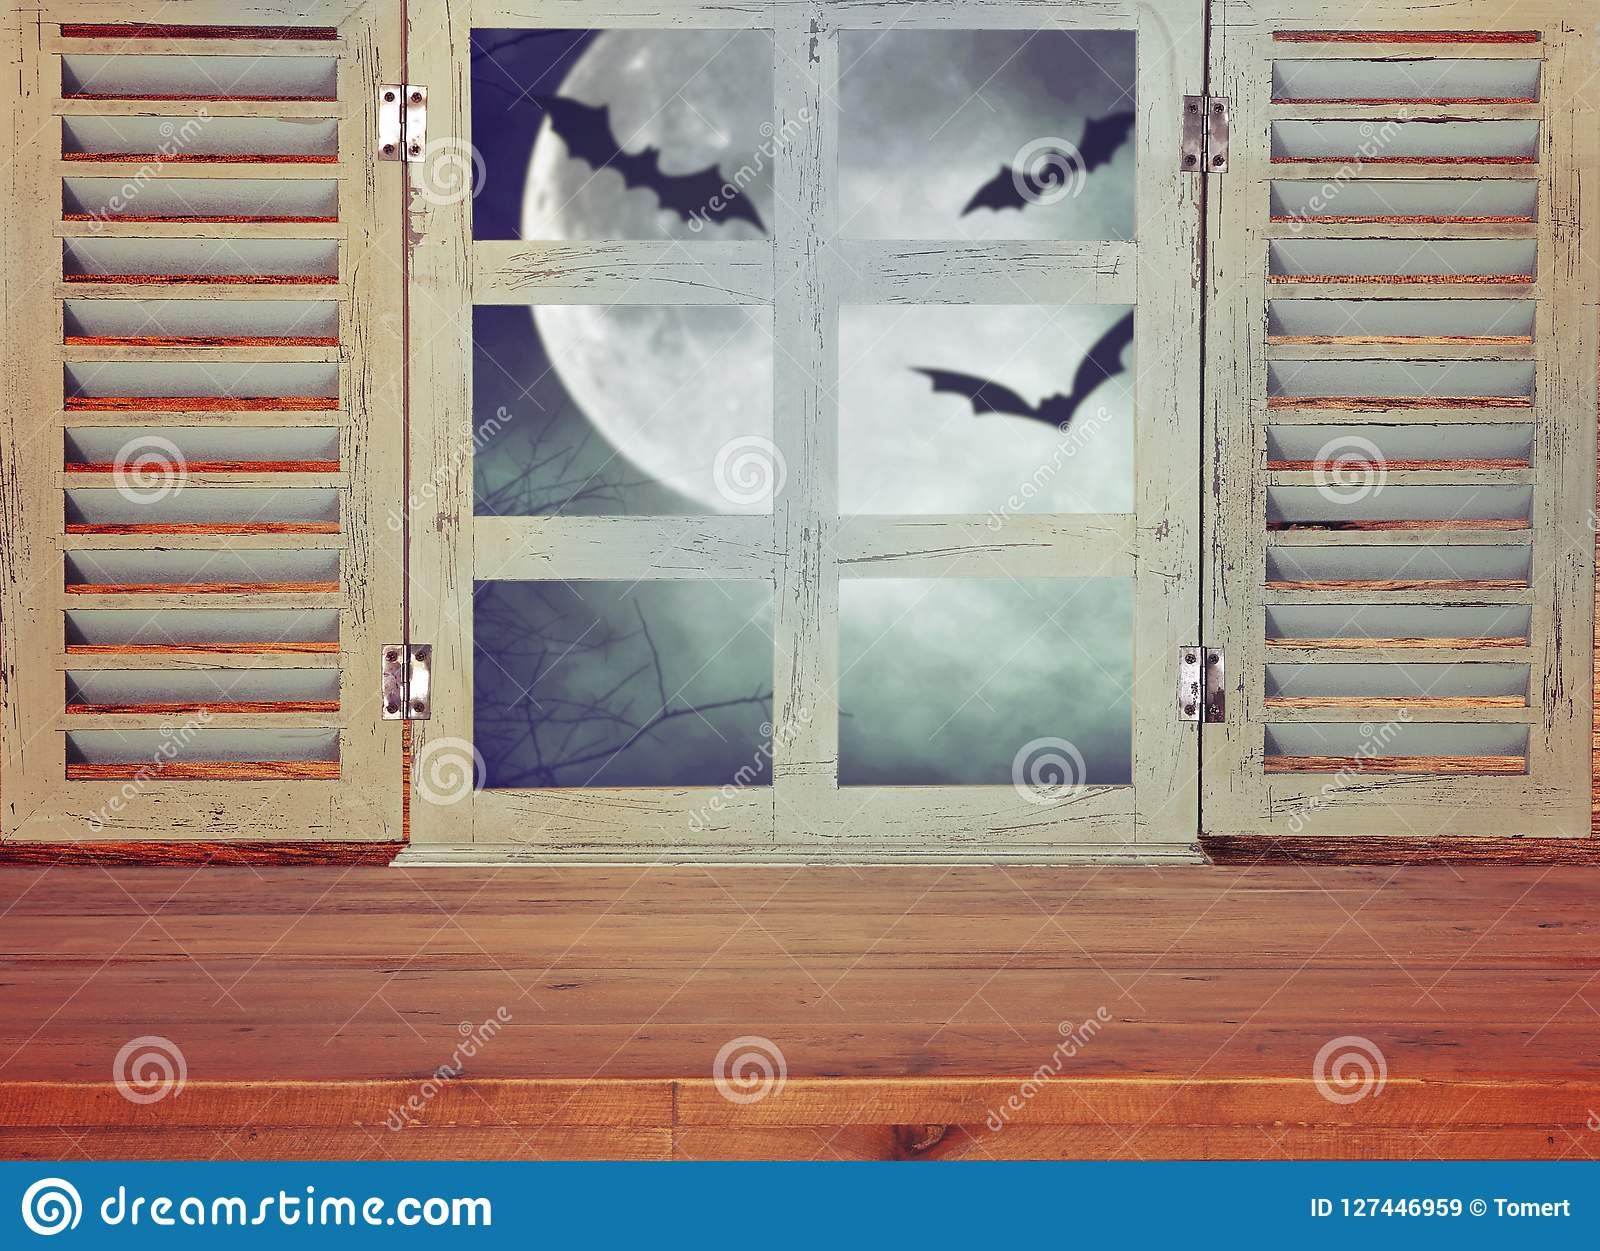 Concept de vacances de Halloween Table rustique vide devant le fond hanté de ciel nocturne et la vieille fenêtre Préparez pour l